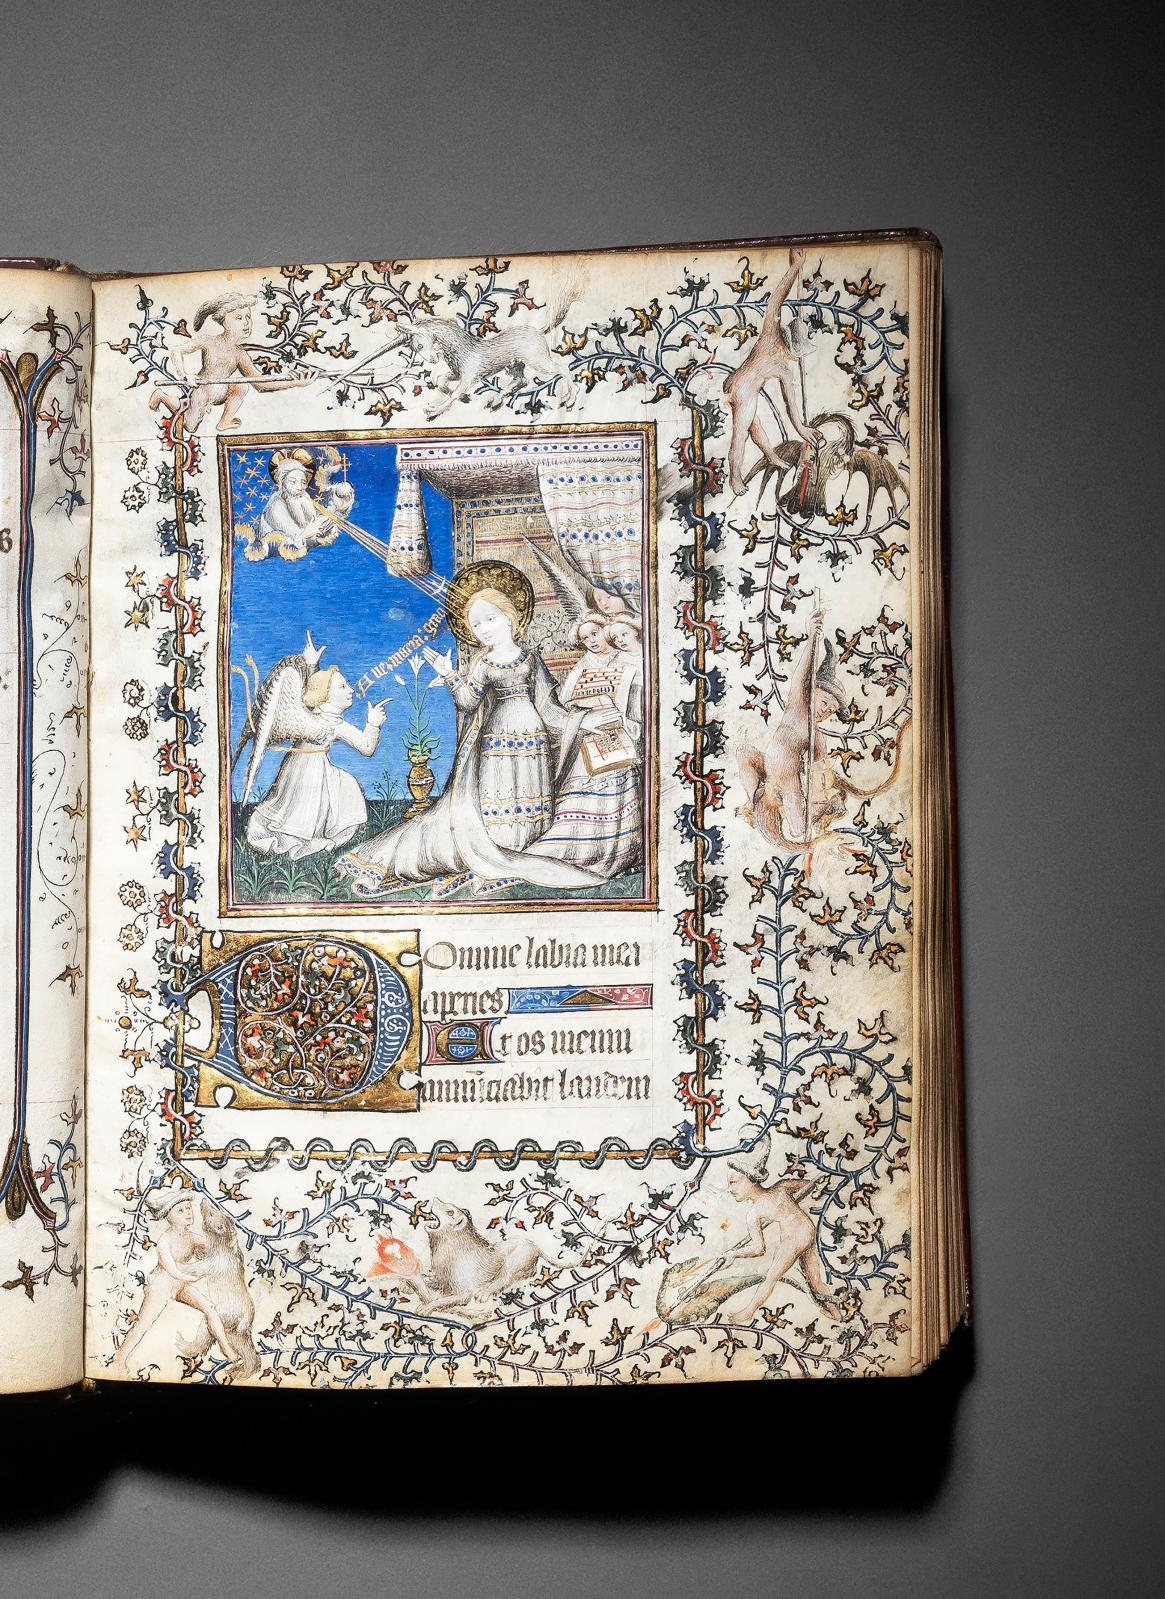 France, Paris, vers1400-1410, Livre d'heures à l'usage de Rome (Heures de la Vierge et Office des Morts), manuscrit en latin enluminé sur